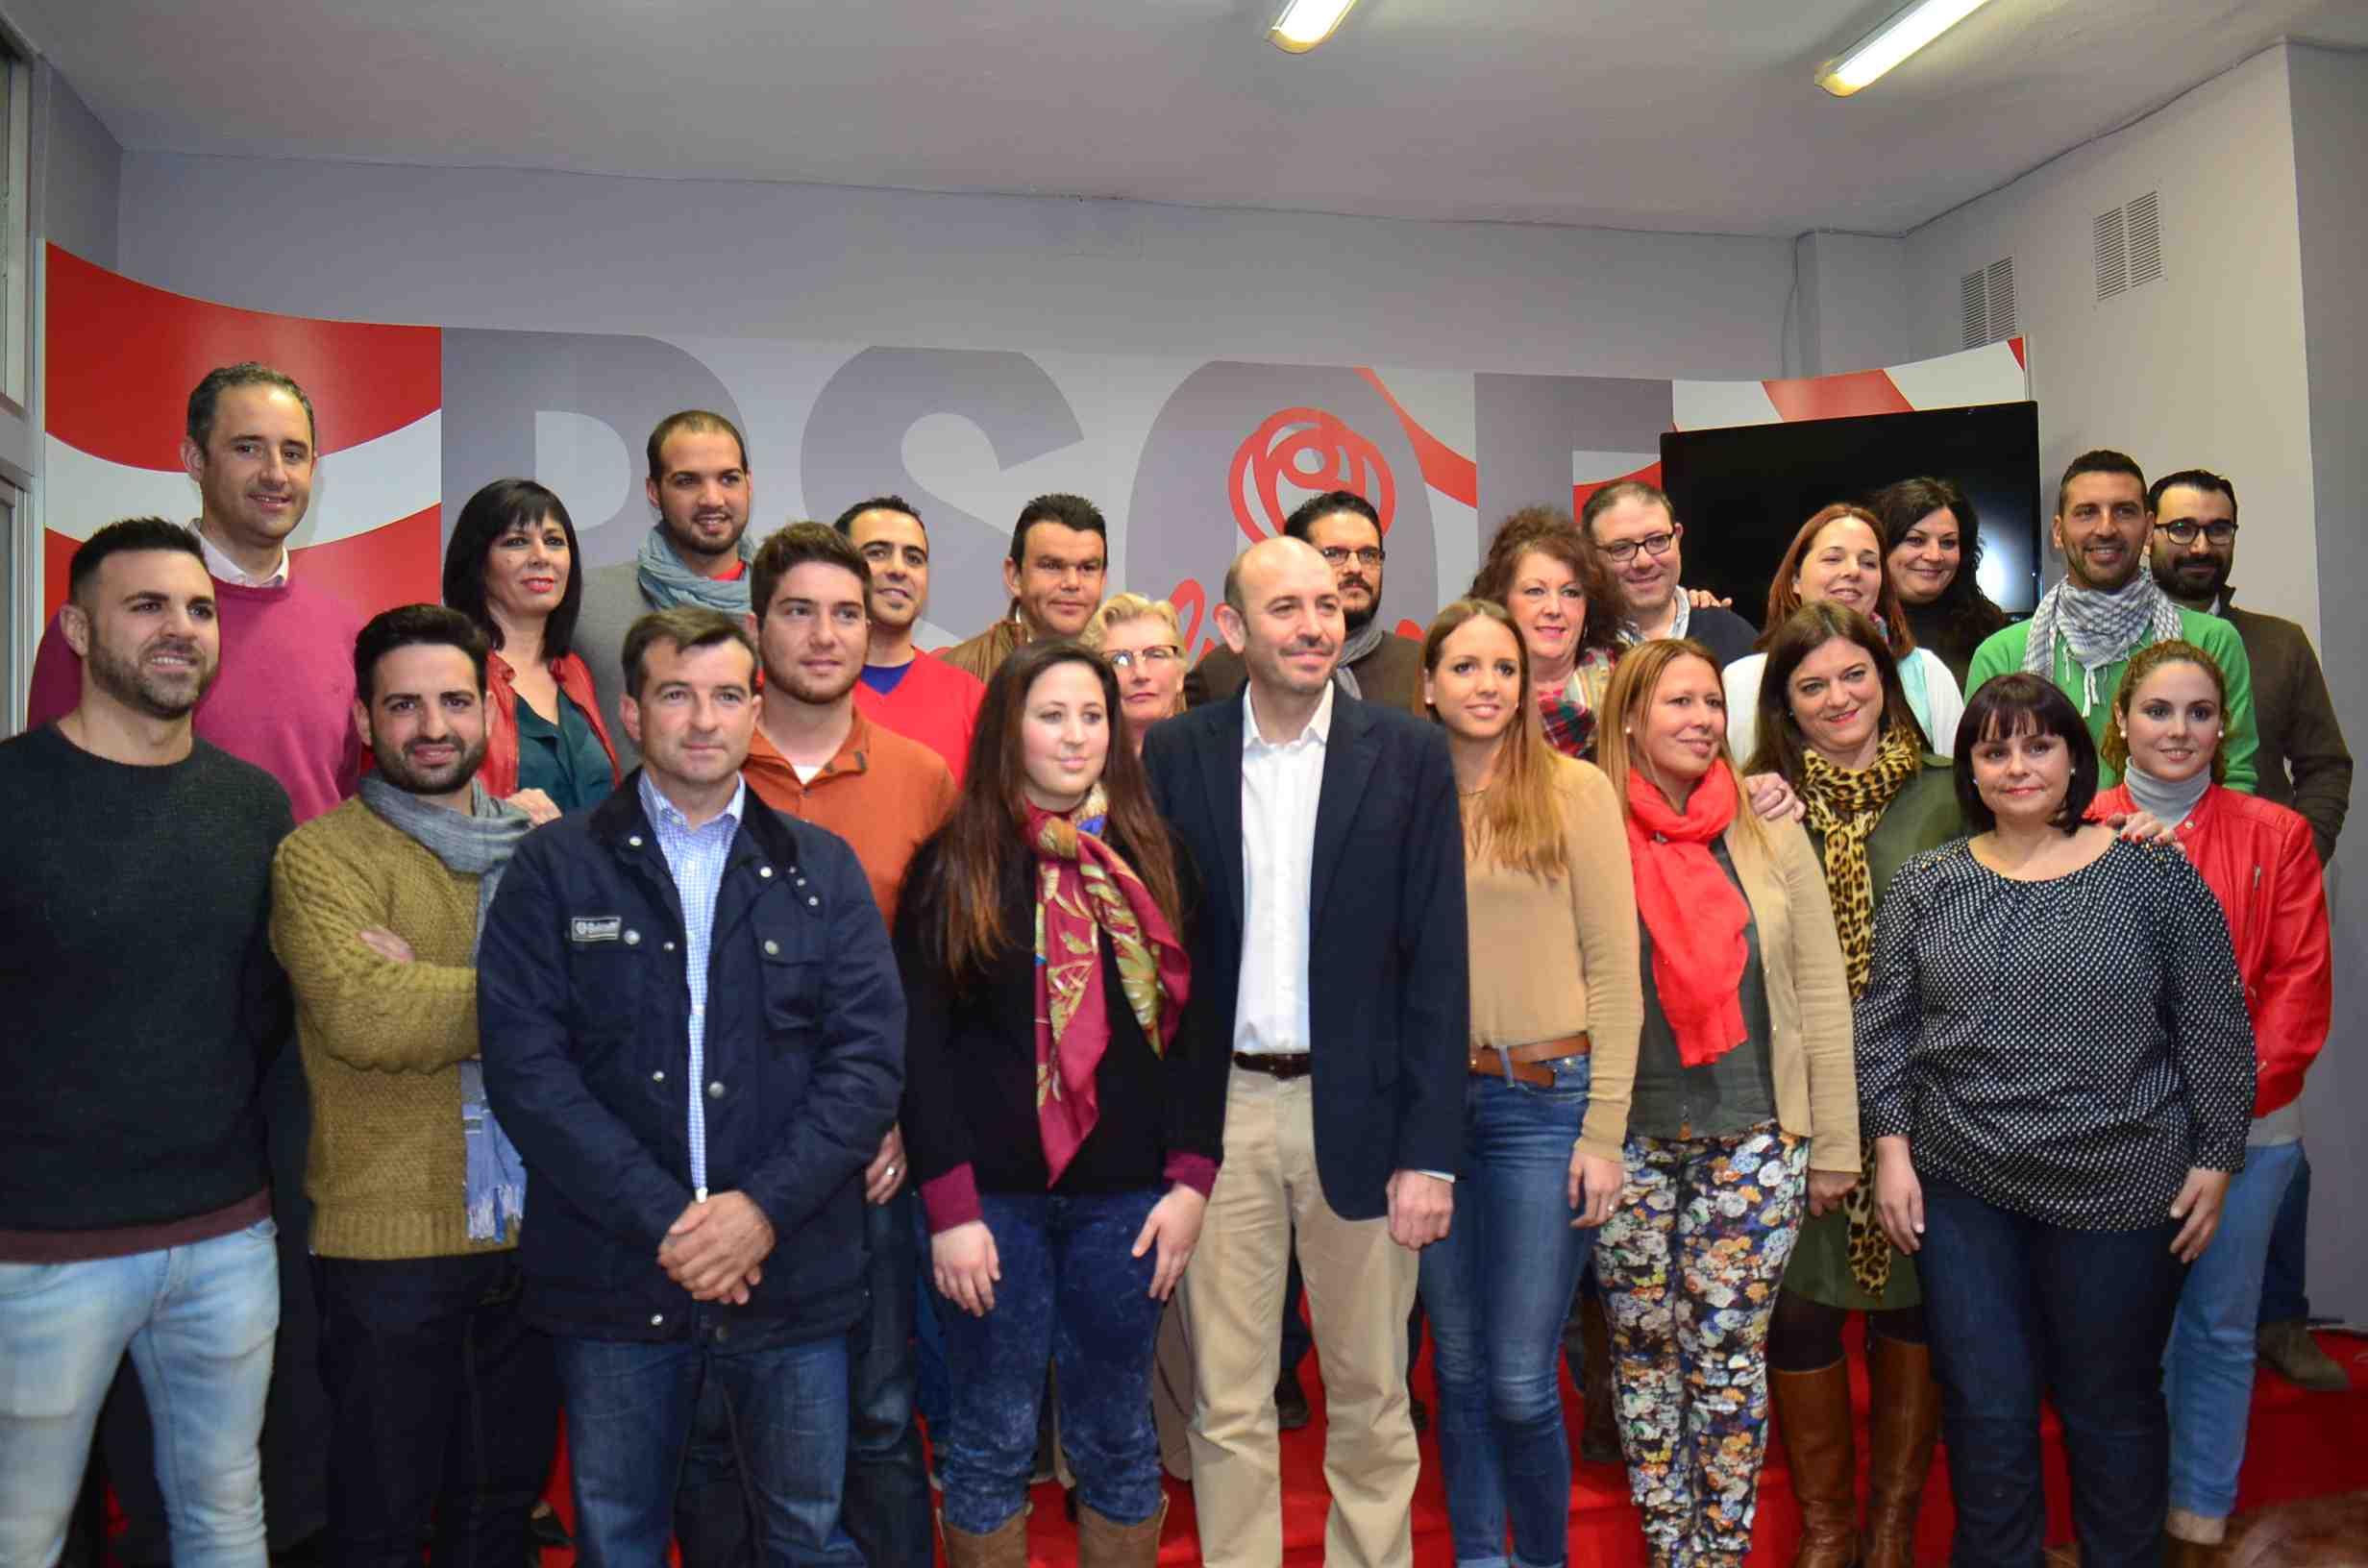 El PSOE de Cártama presenta su candidatura para las próximas elecciones municipales